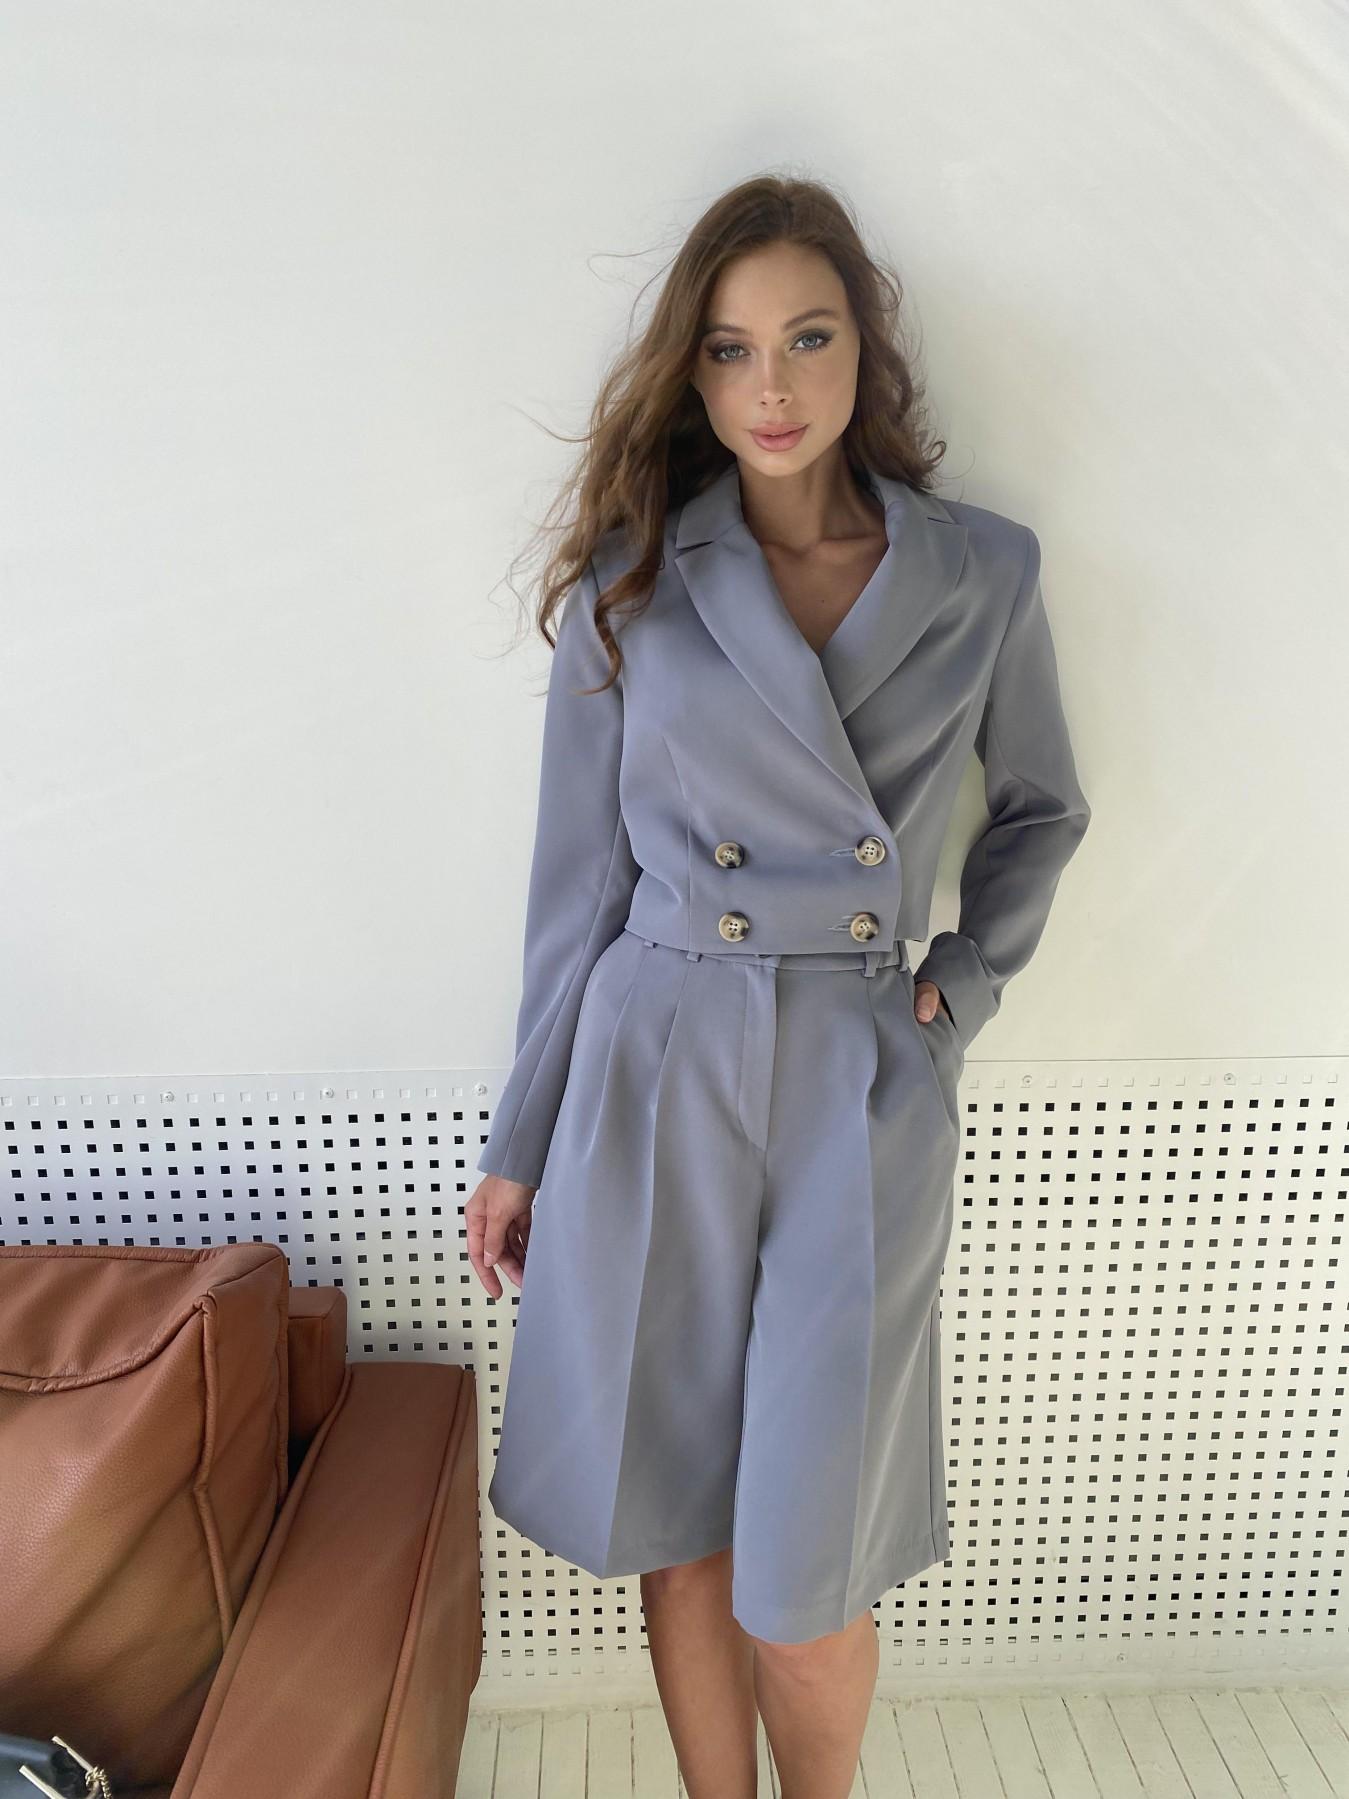 Купить женские костюмы оптом  Оксфорд костюм из костюмной ткани стрейч 11548